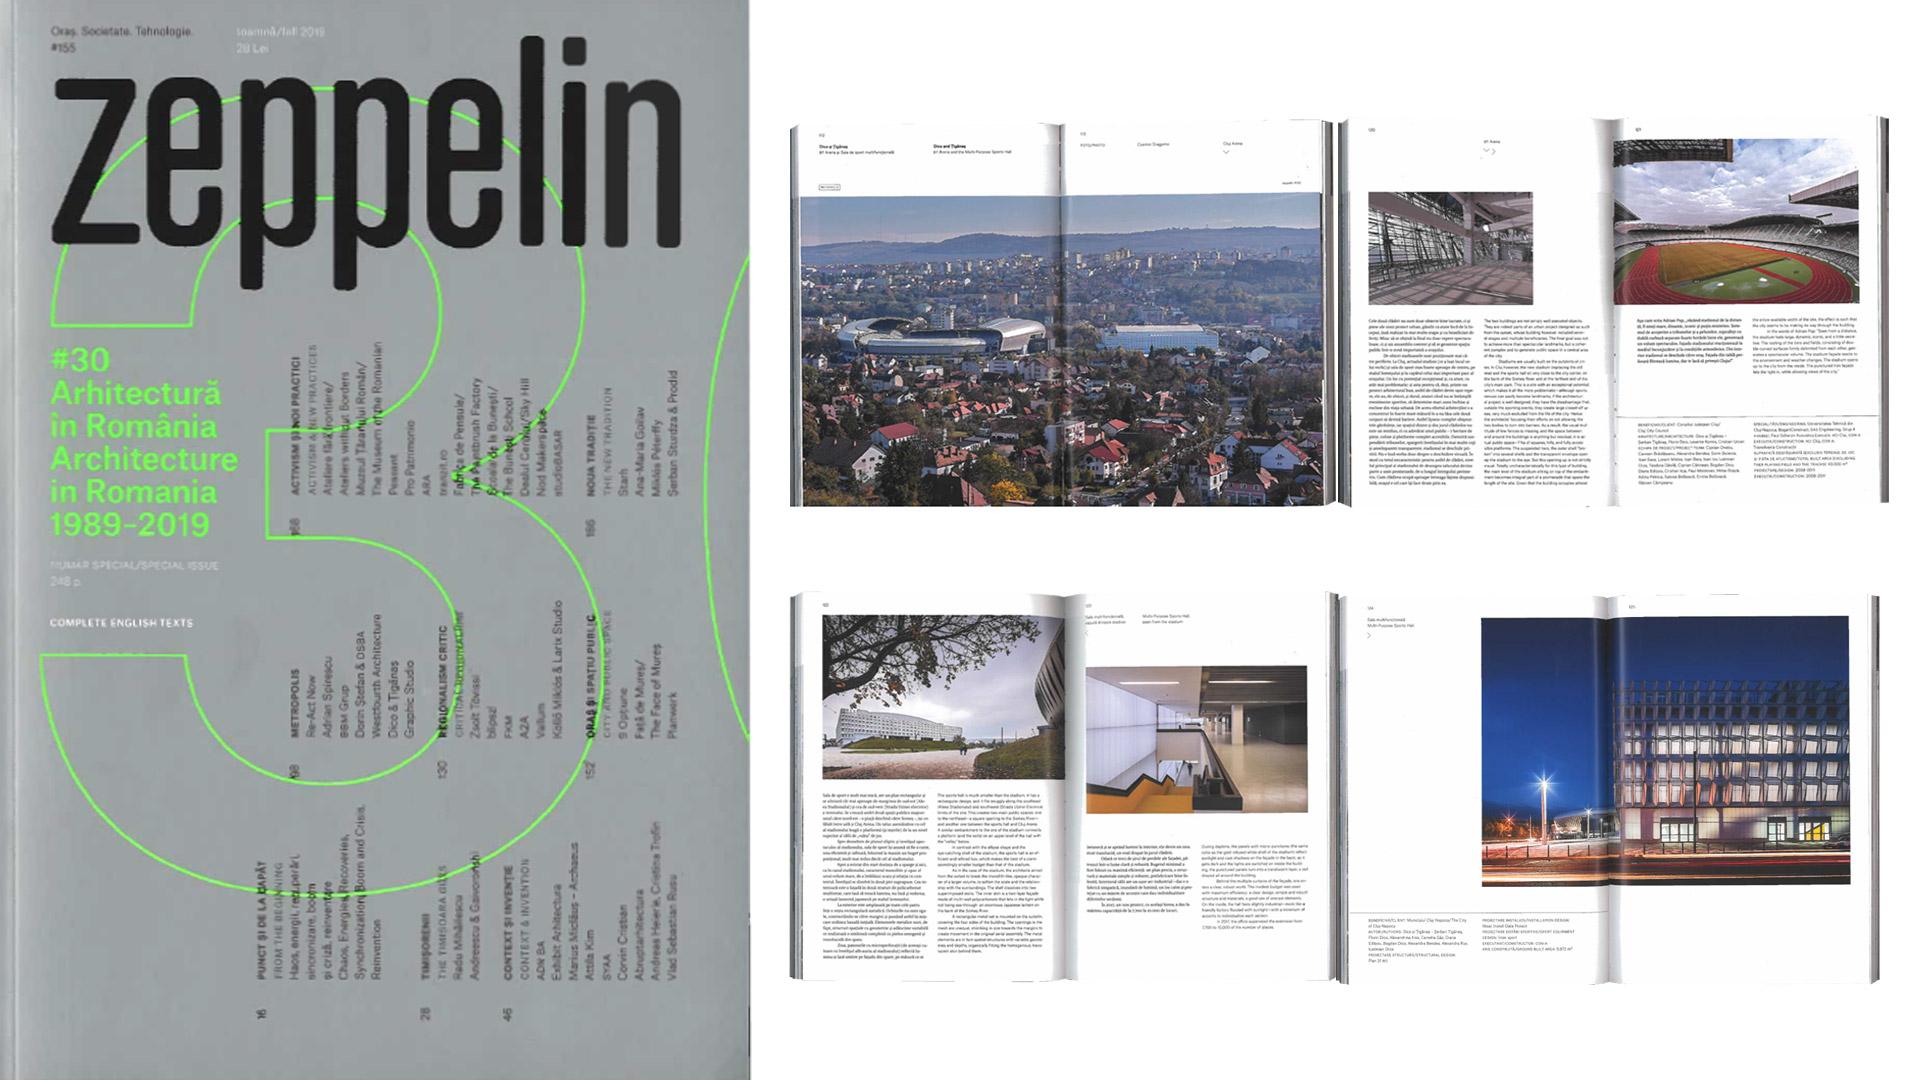 Zeppelin, #30 Architecture in Romania 1989-2019, 2019